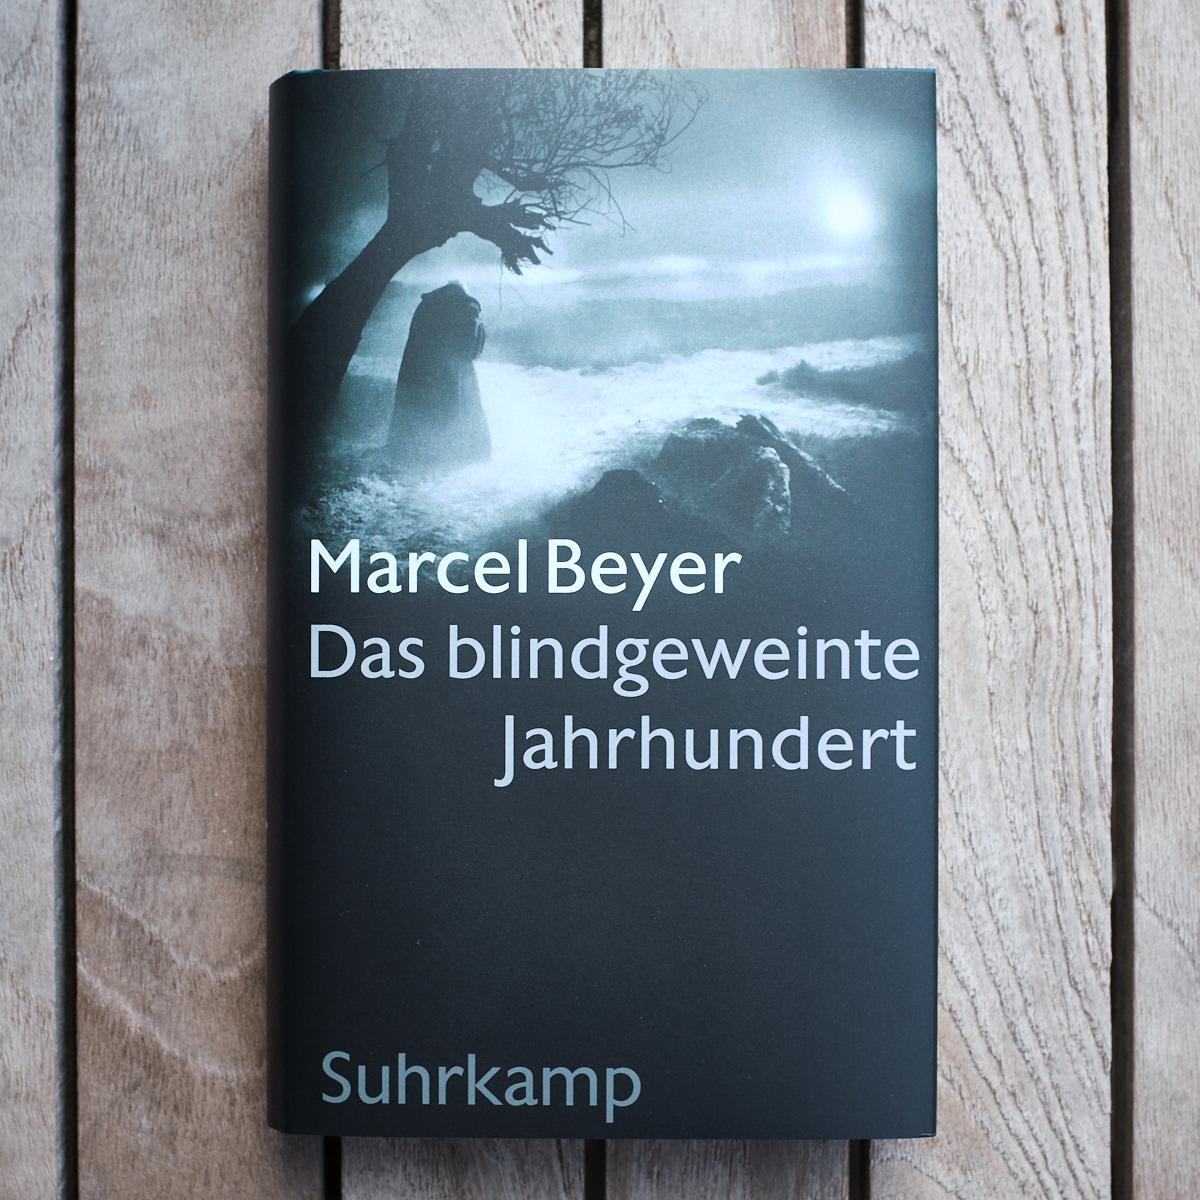 Marcel Beyer,  Das blindgeweinte Jahrhundert. Bild und Ton  (Frankfurt am Main: Suhrkamp, 2017)